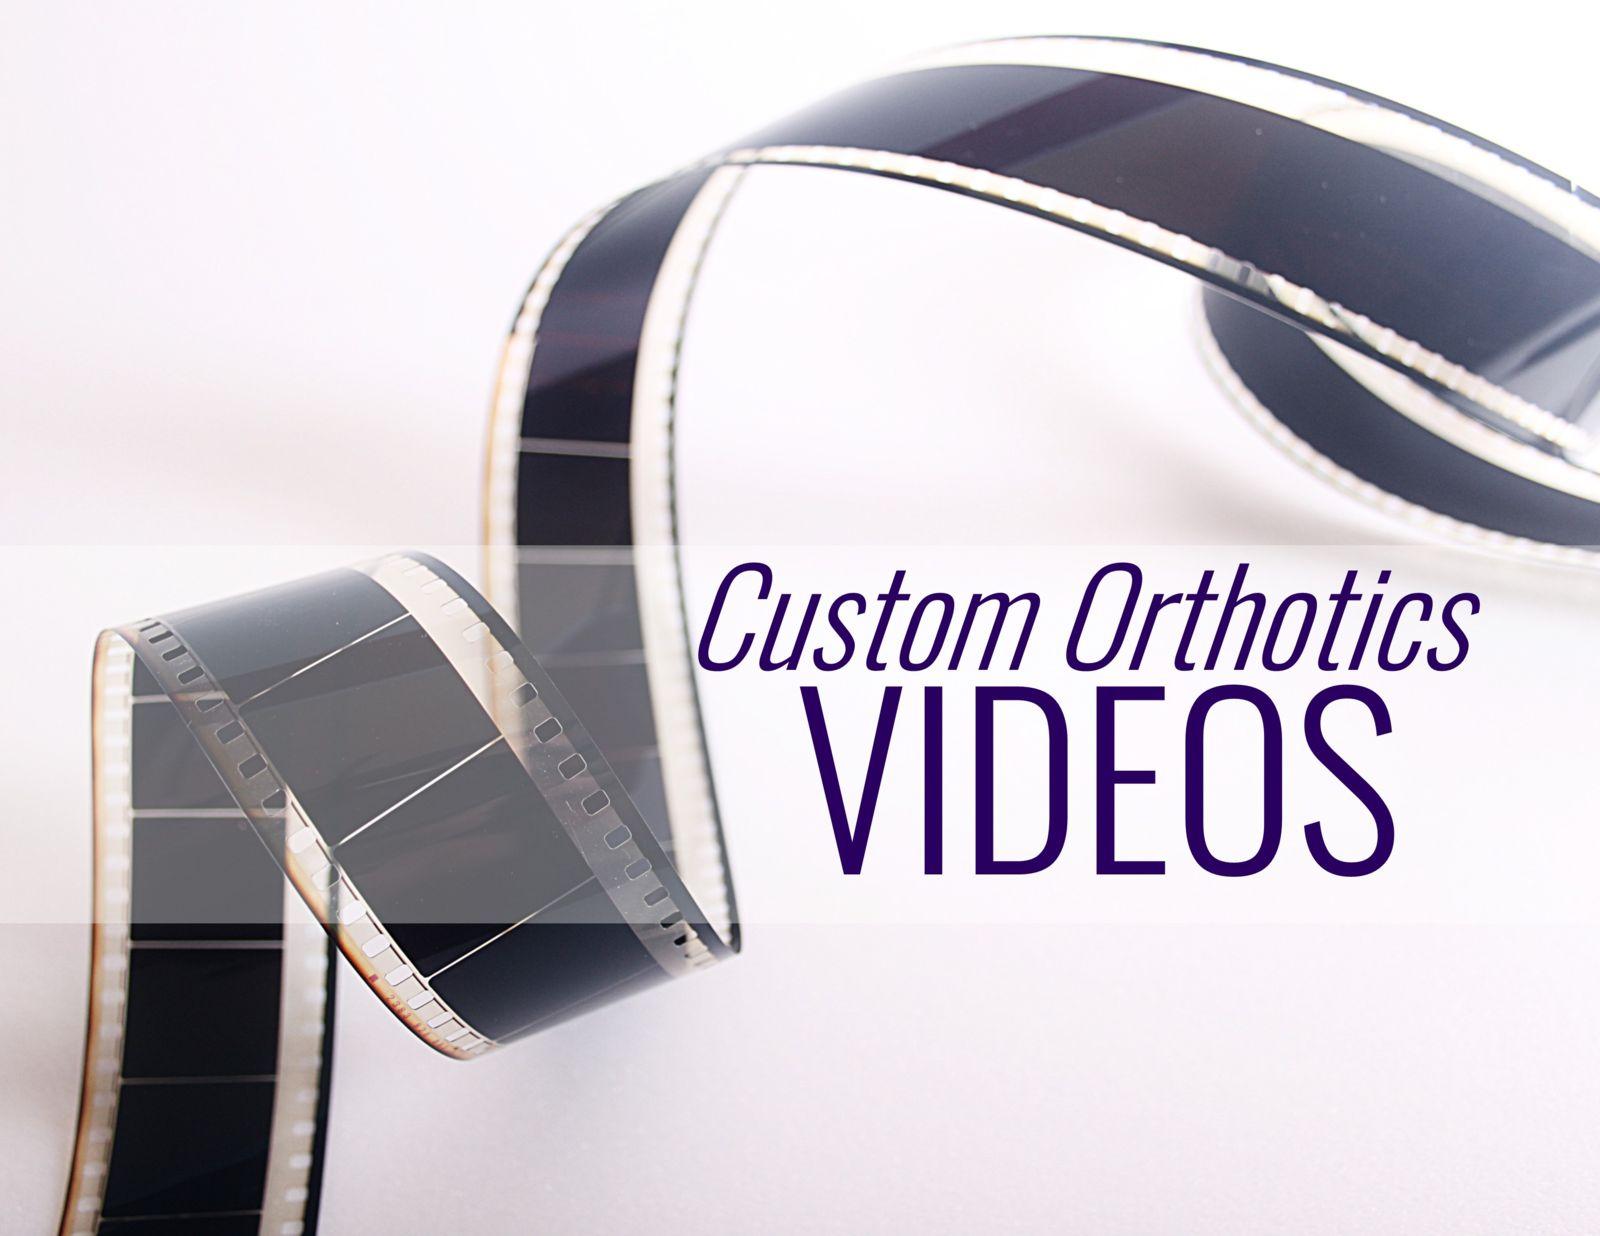 Movie reel and the words: Custom Orthotics Videos